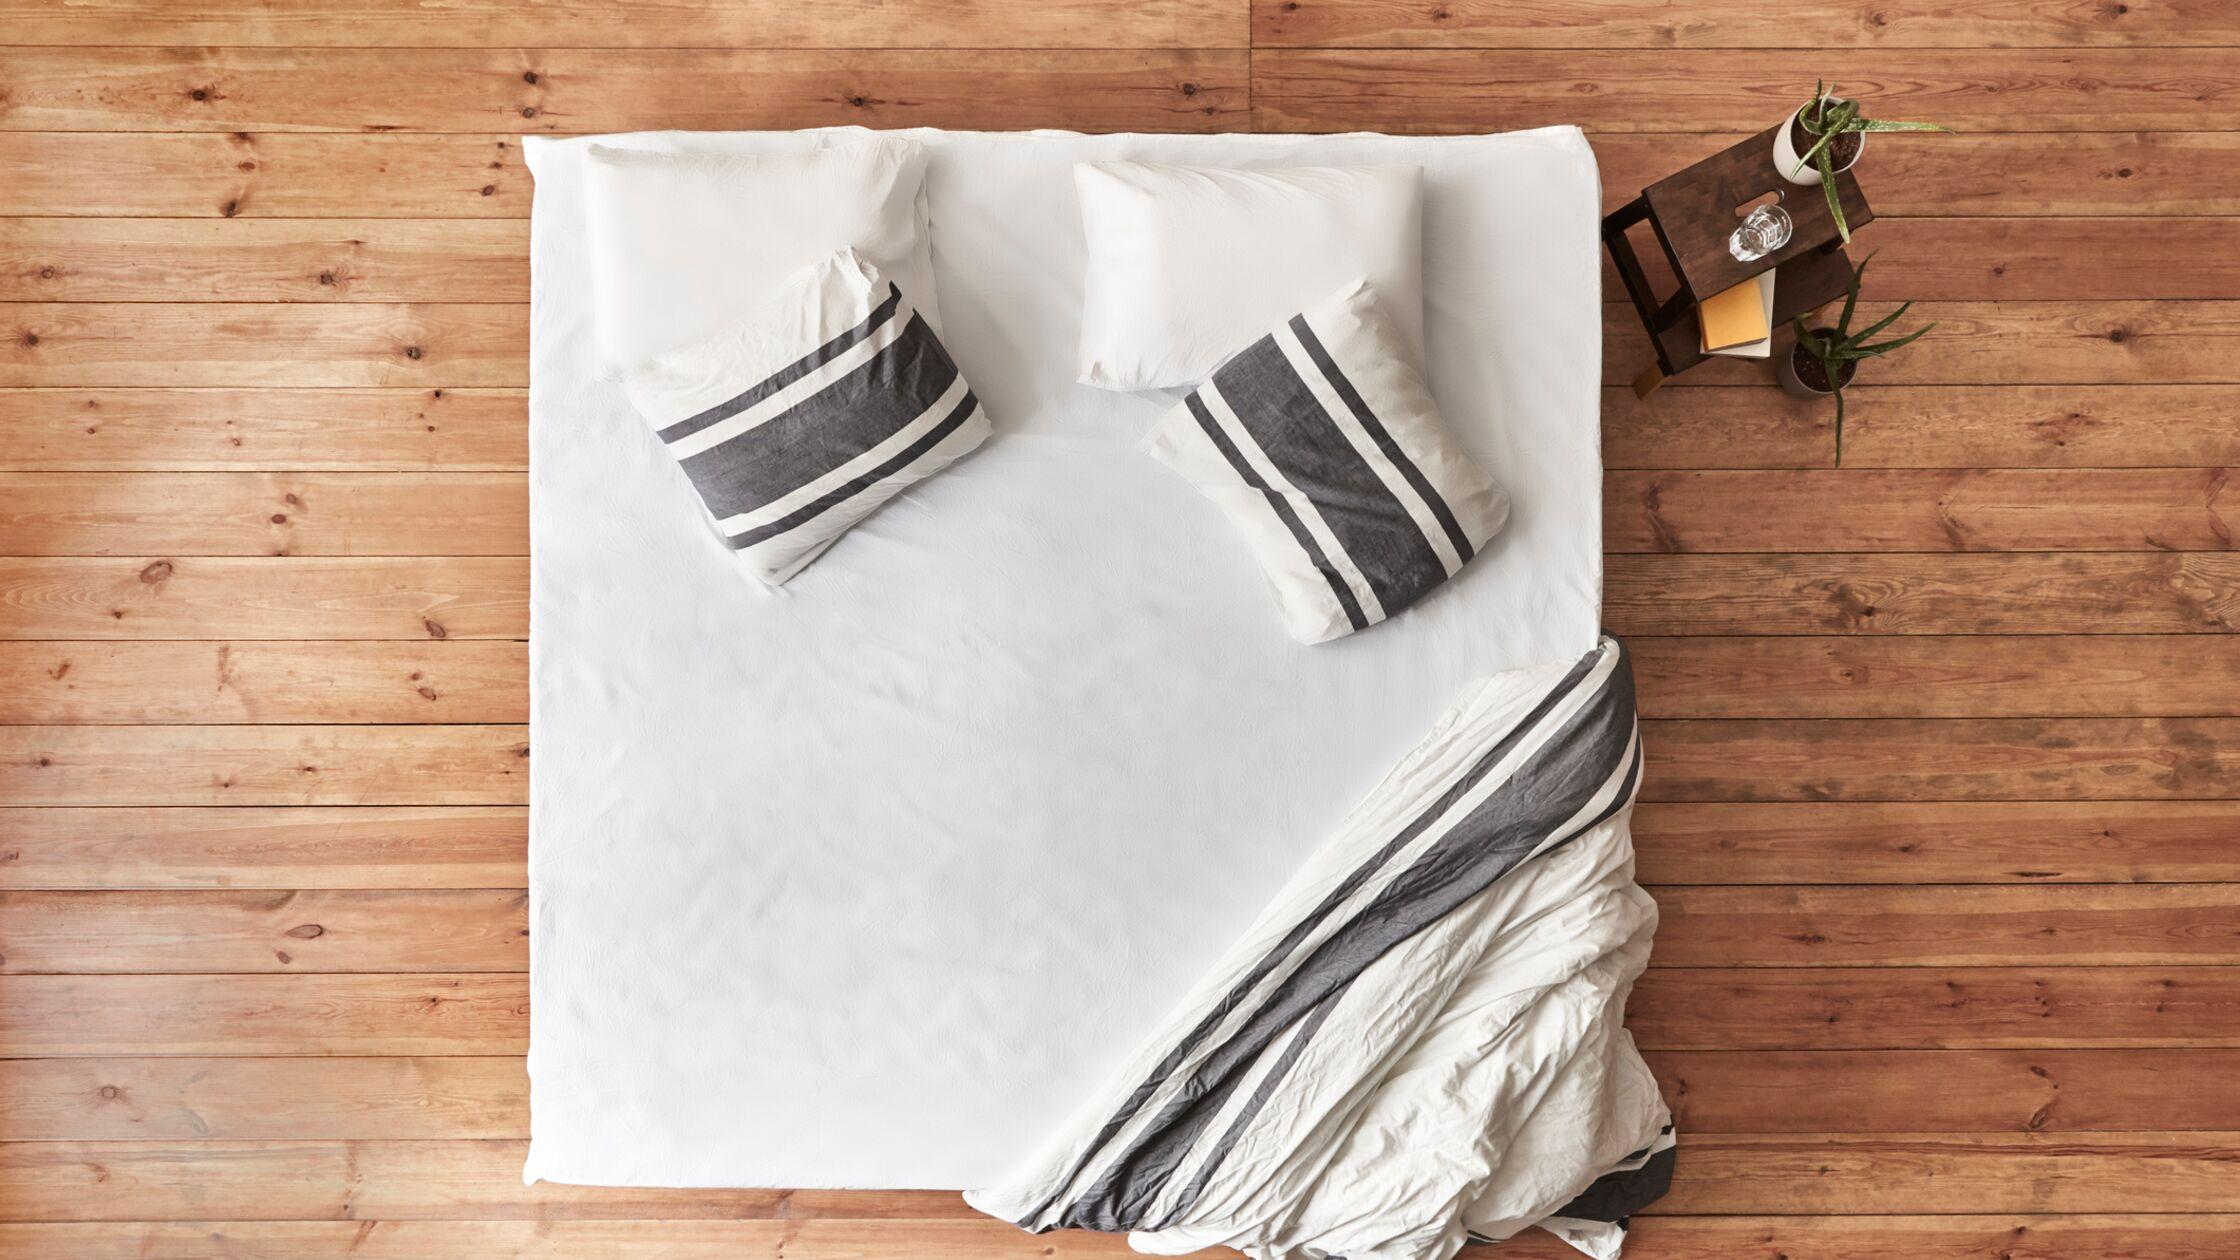 Matratze auf dem Boden